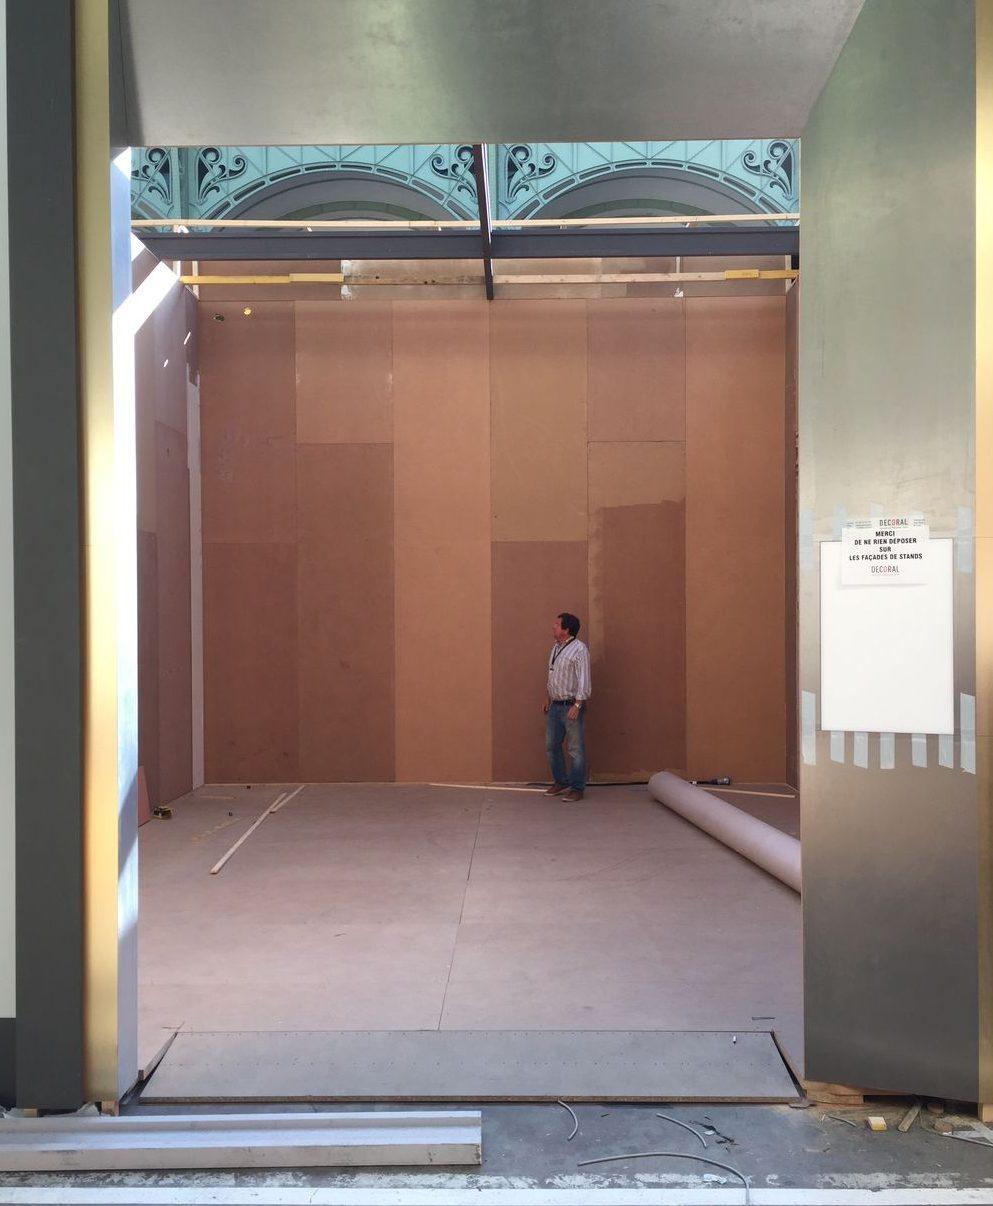 Philippe Leclercq Biennale des antiquaires